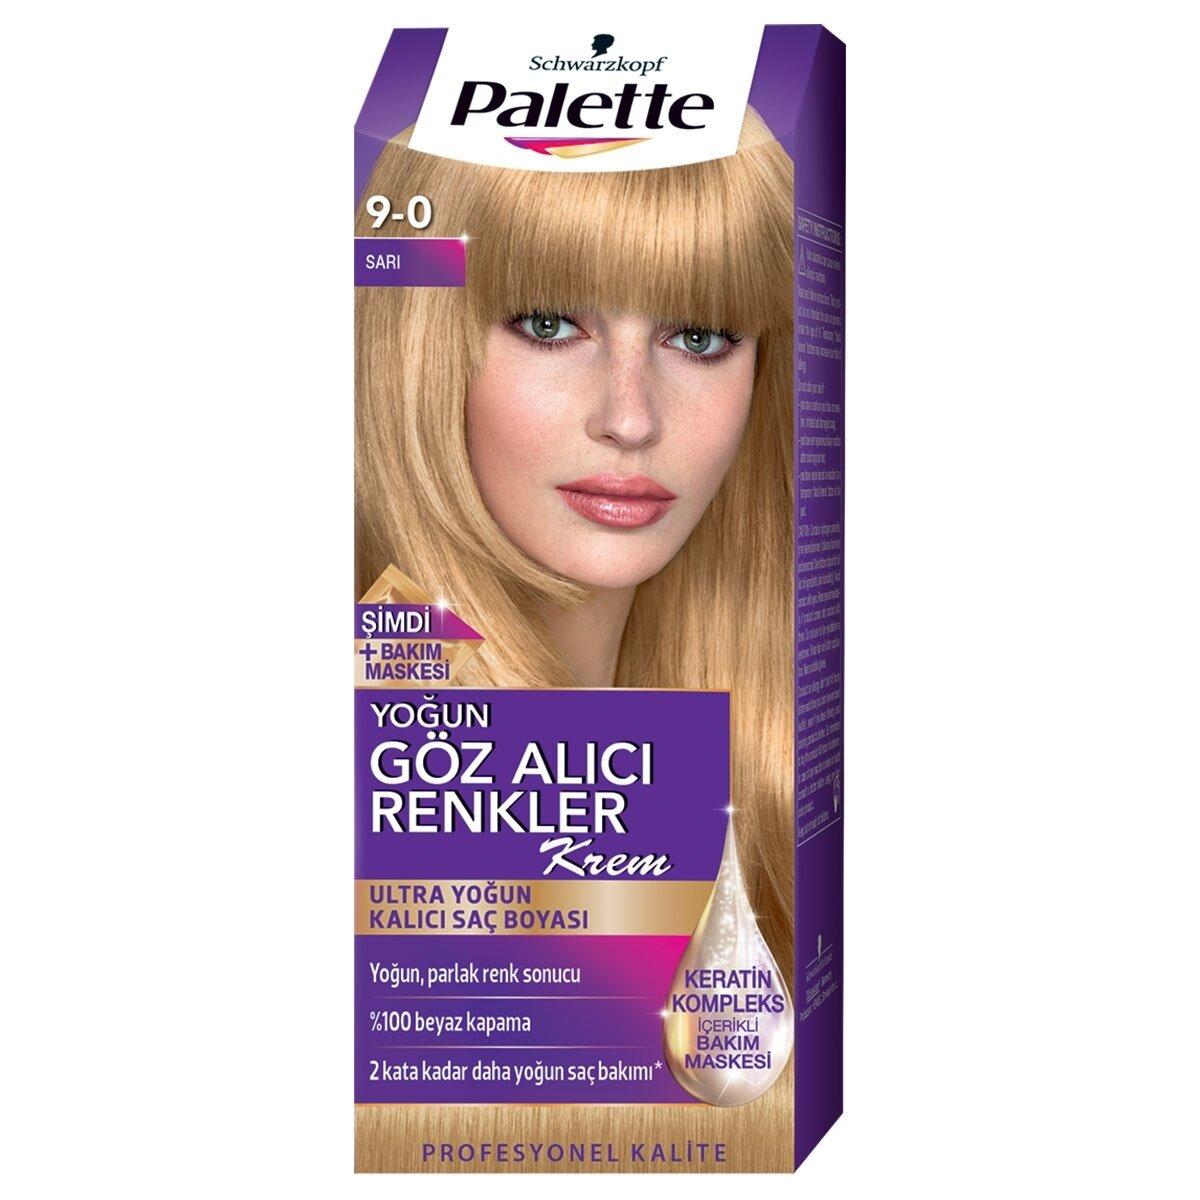 palette yoğun göz alıcı renkler saç boyası